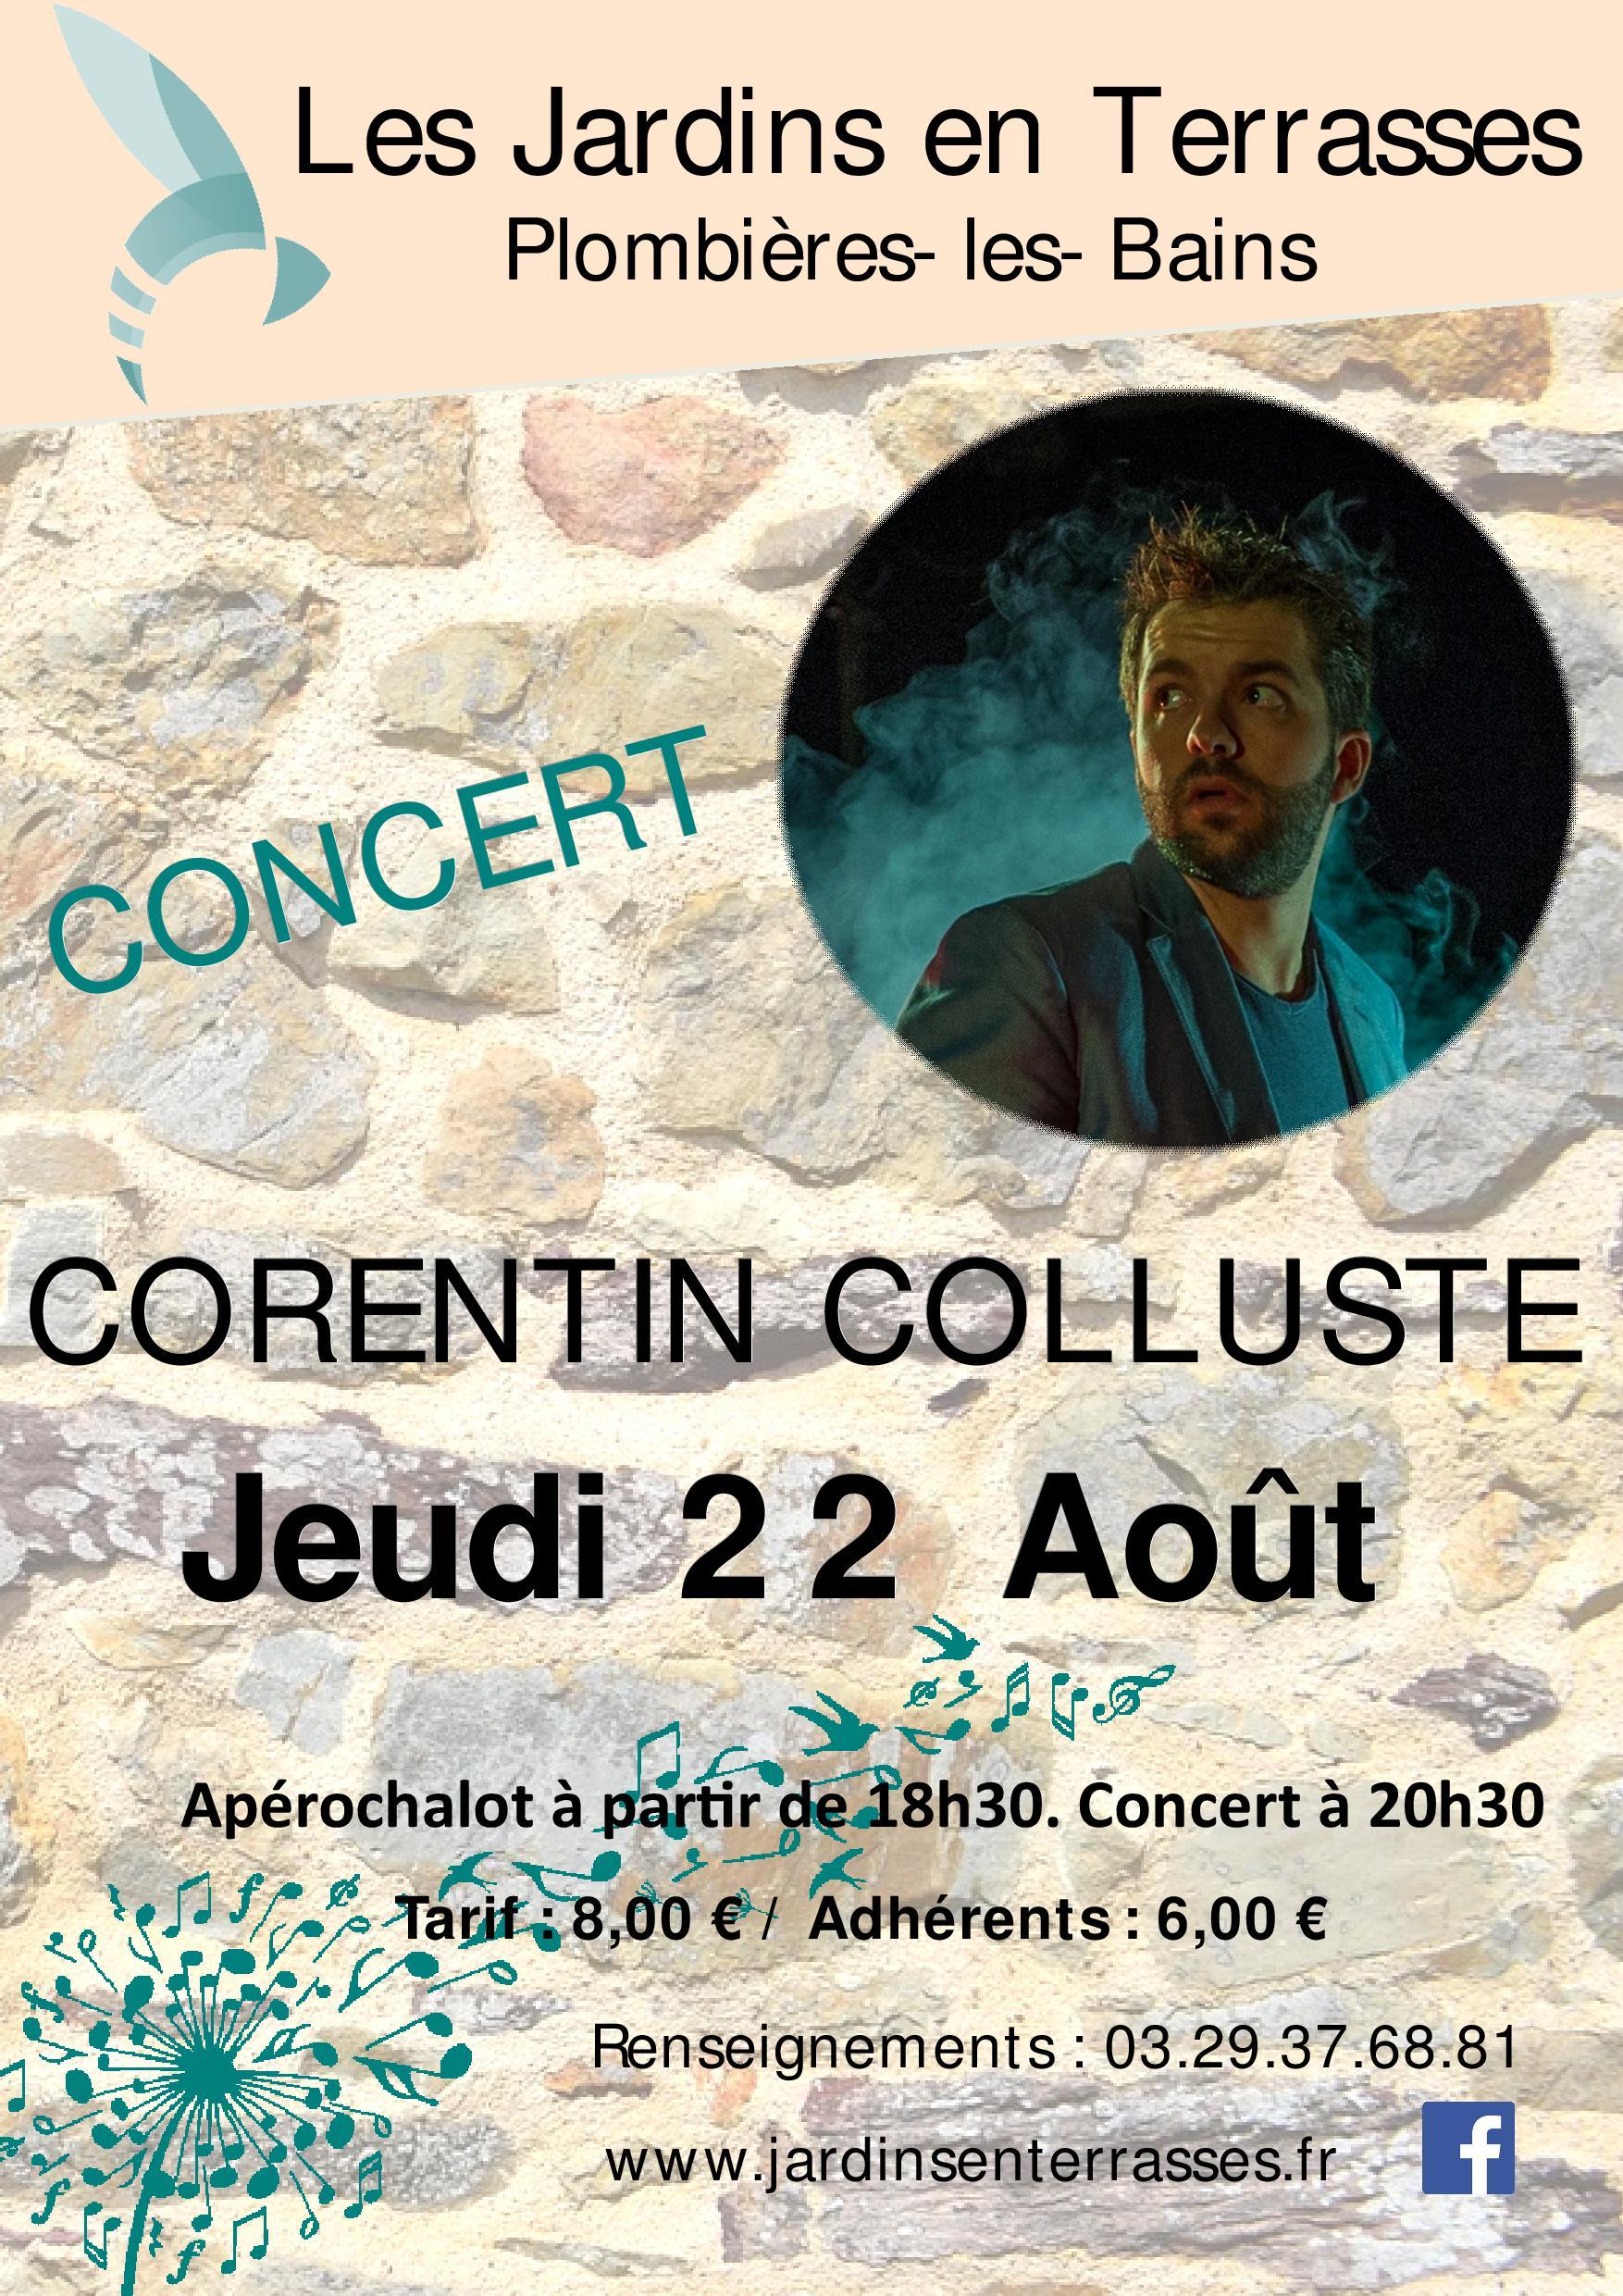 corentincolluste-page-001